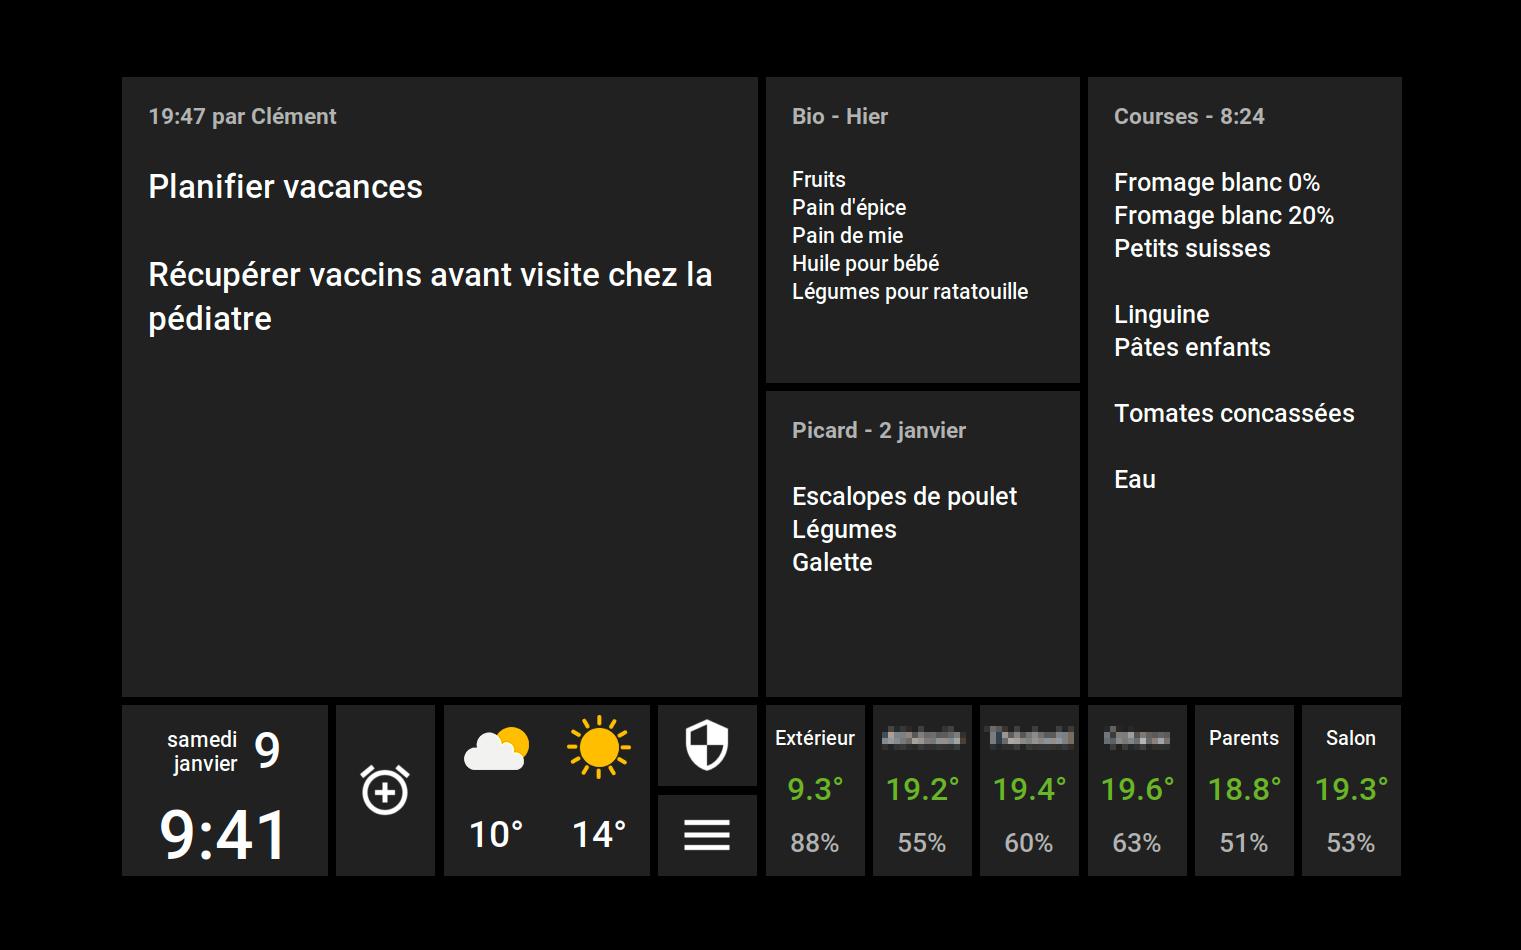 Les températures et taux d'humidité sont affichées dans un encart en bas à droite